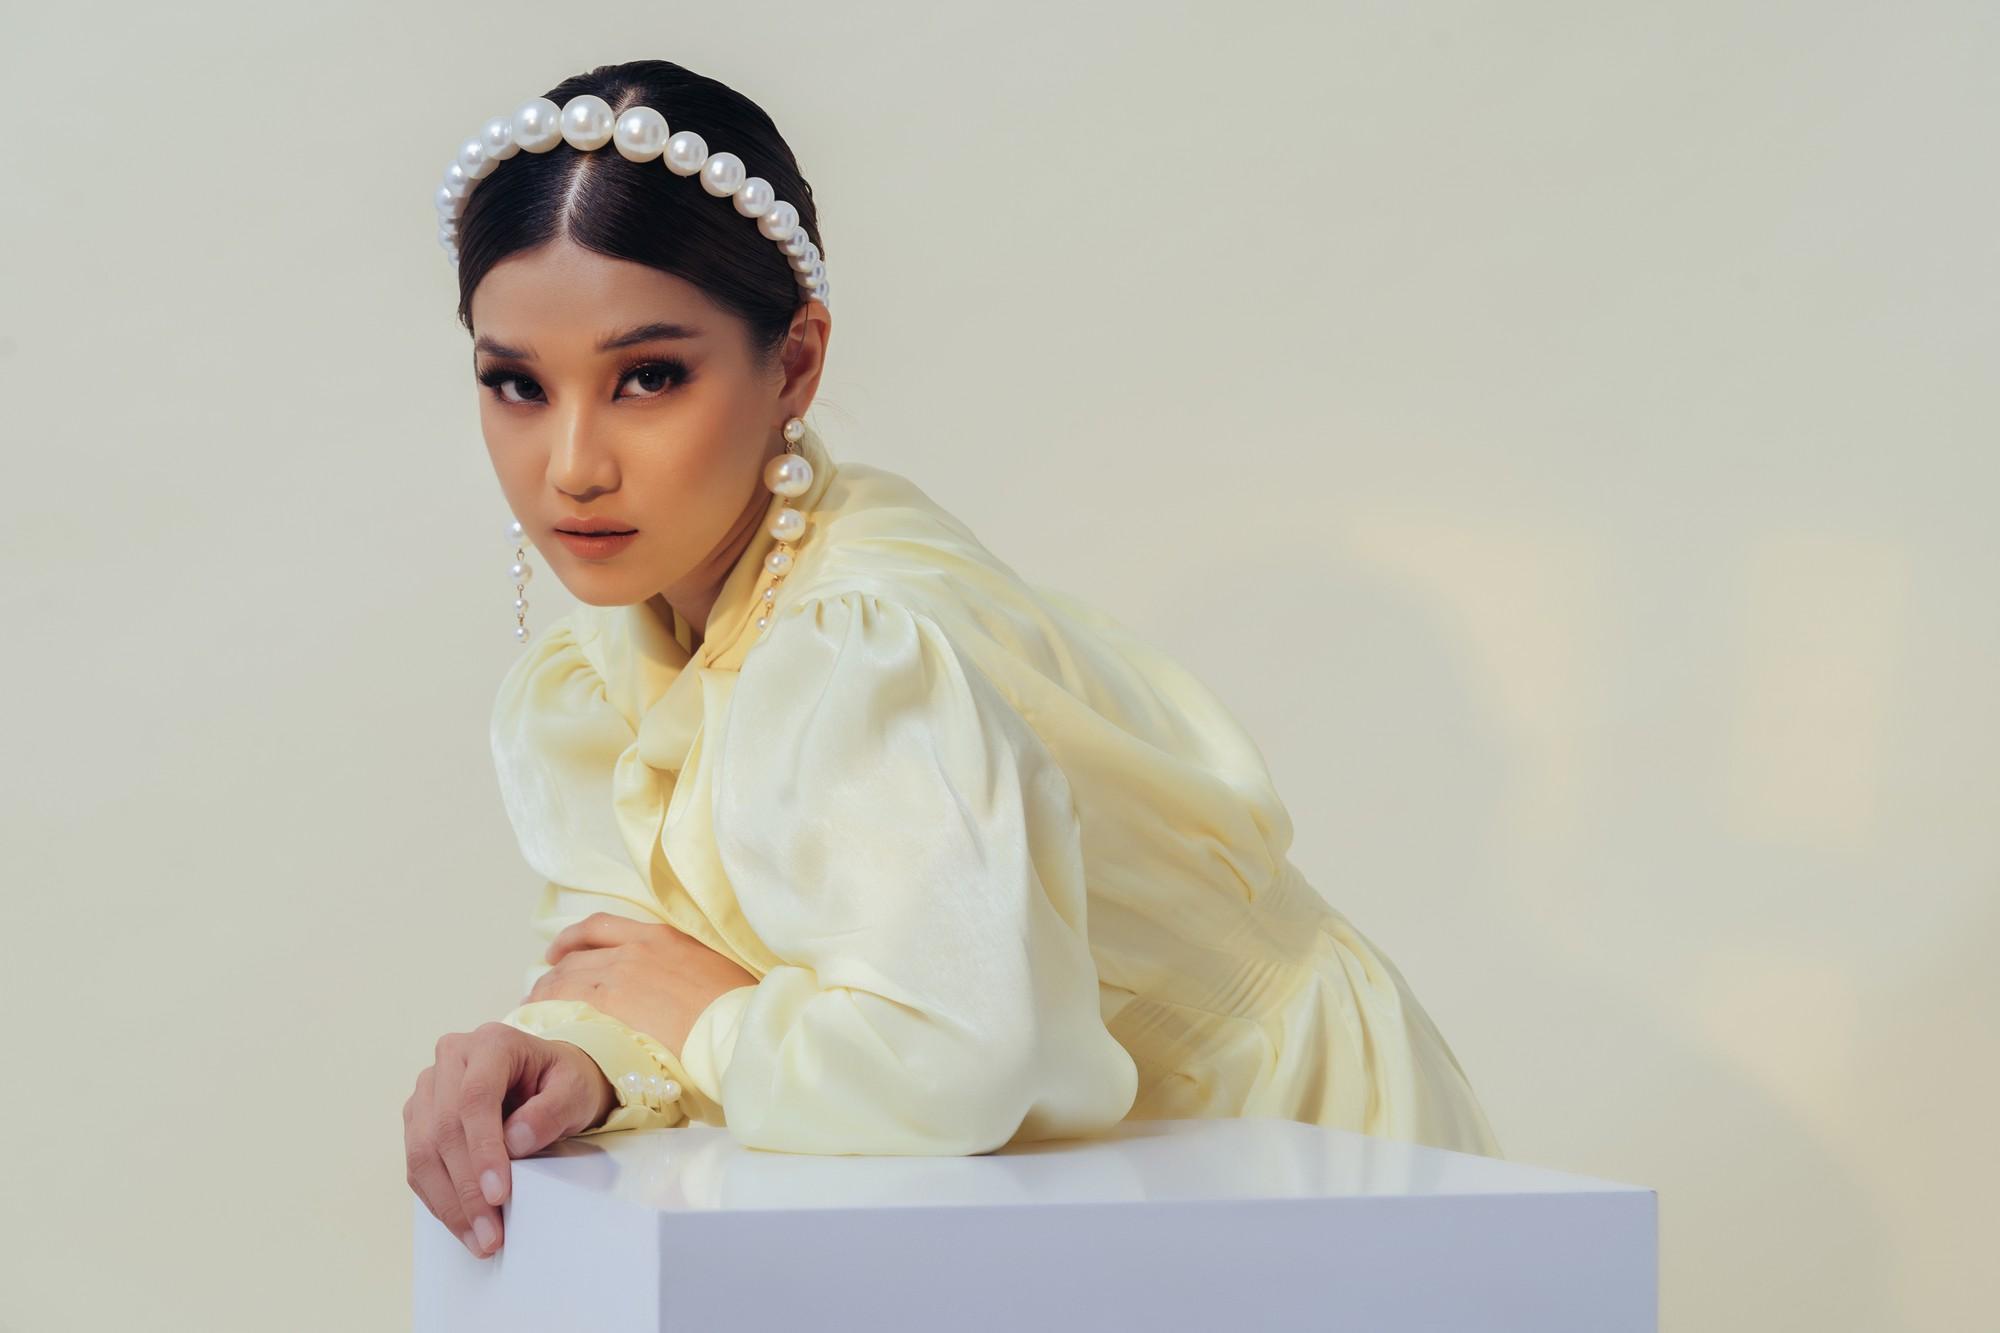 Hoàng Yến Chibi: Không nhất thiết phải cởi áo khoe 3 vòng mới gọi là trưởng thành - Ảnh 4.